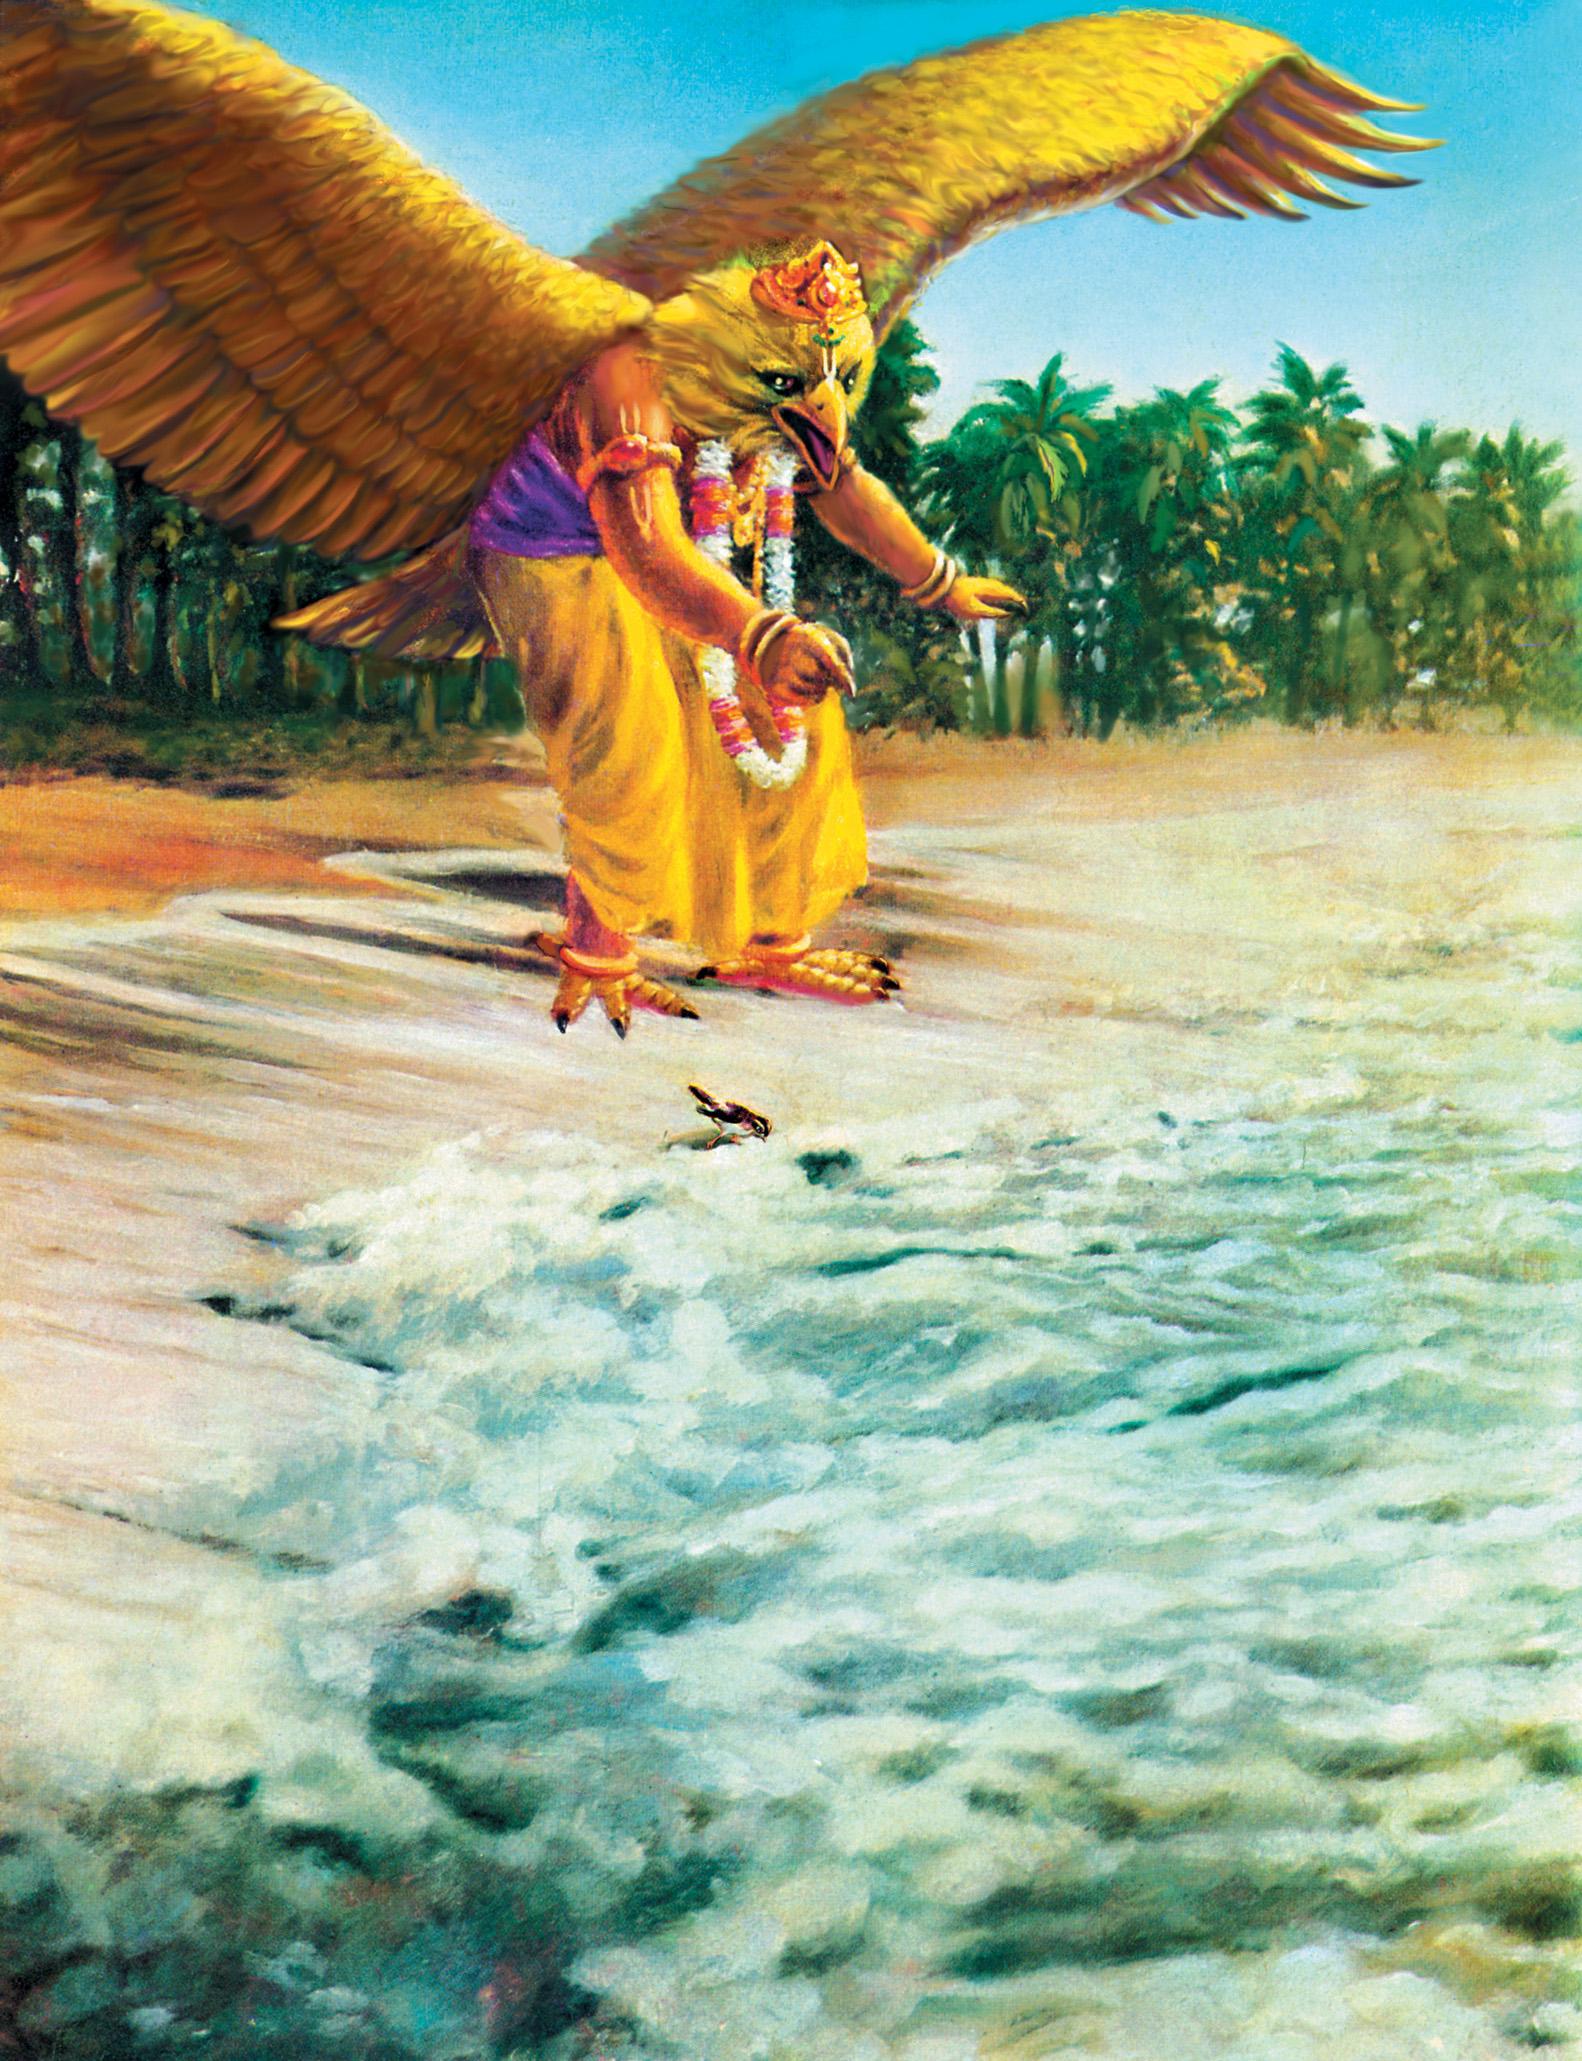 picture index bhagavadgita quotas it isquot original 1972 edition